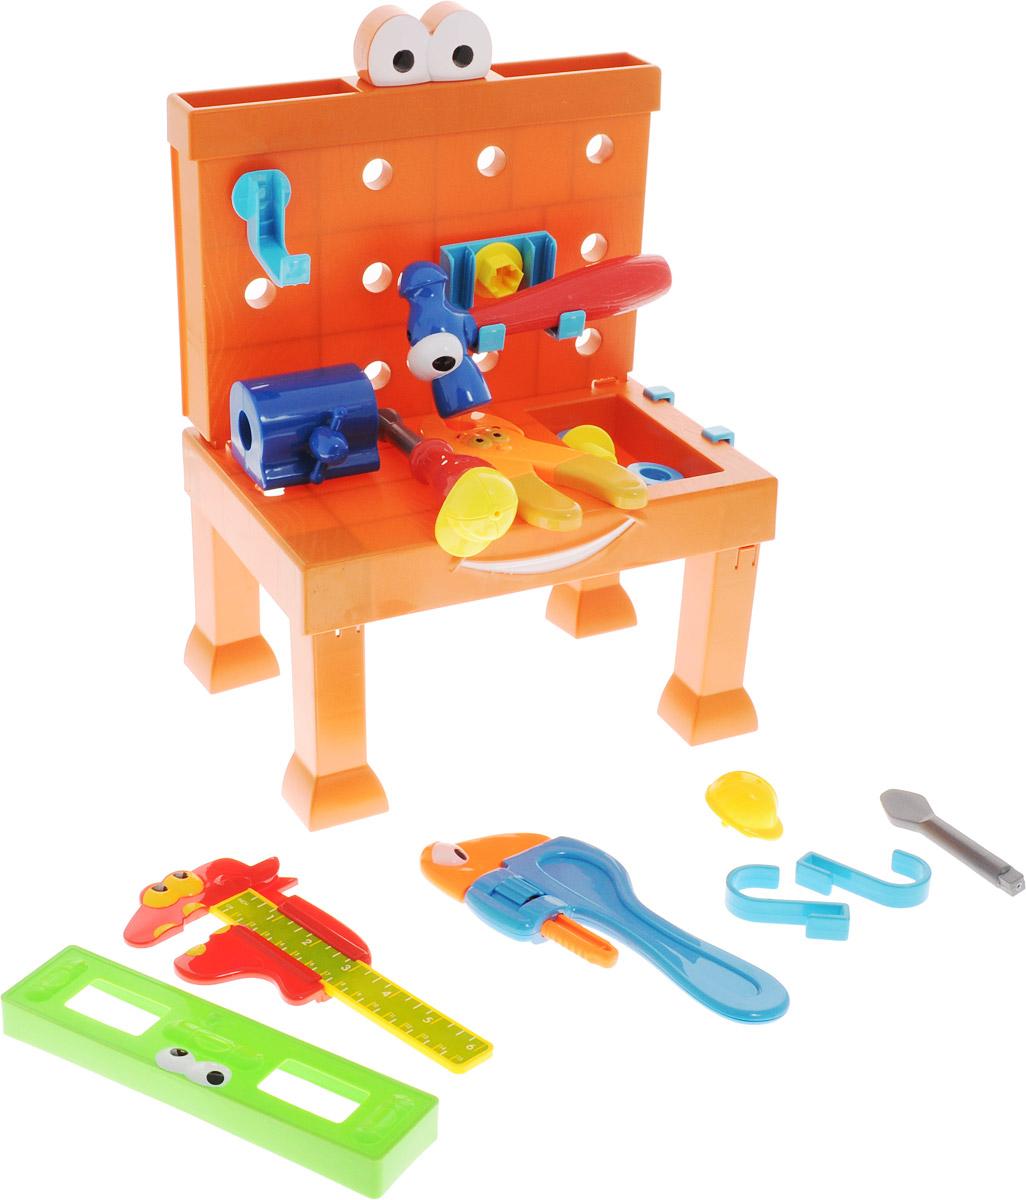 Boley Игровой набор Мастерская с рабочим столом уровнем и зажимом аксессуары для кукол boley игрушка boley корона серия холодное сердце